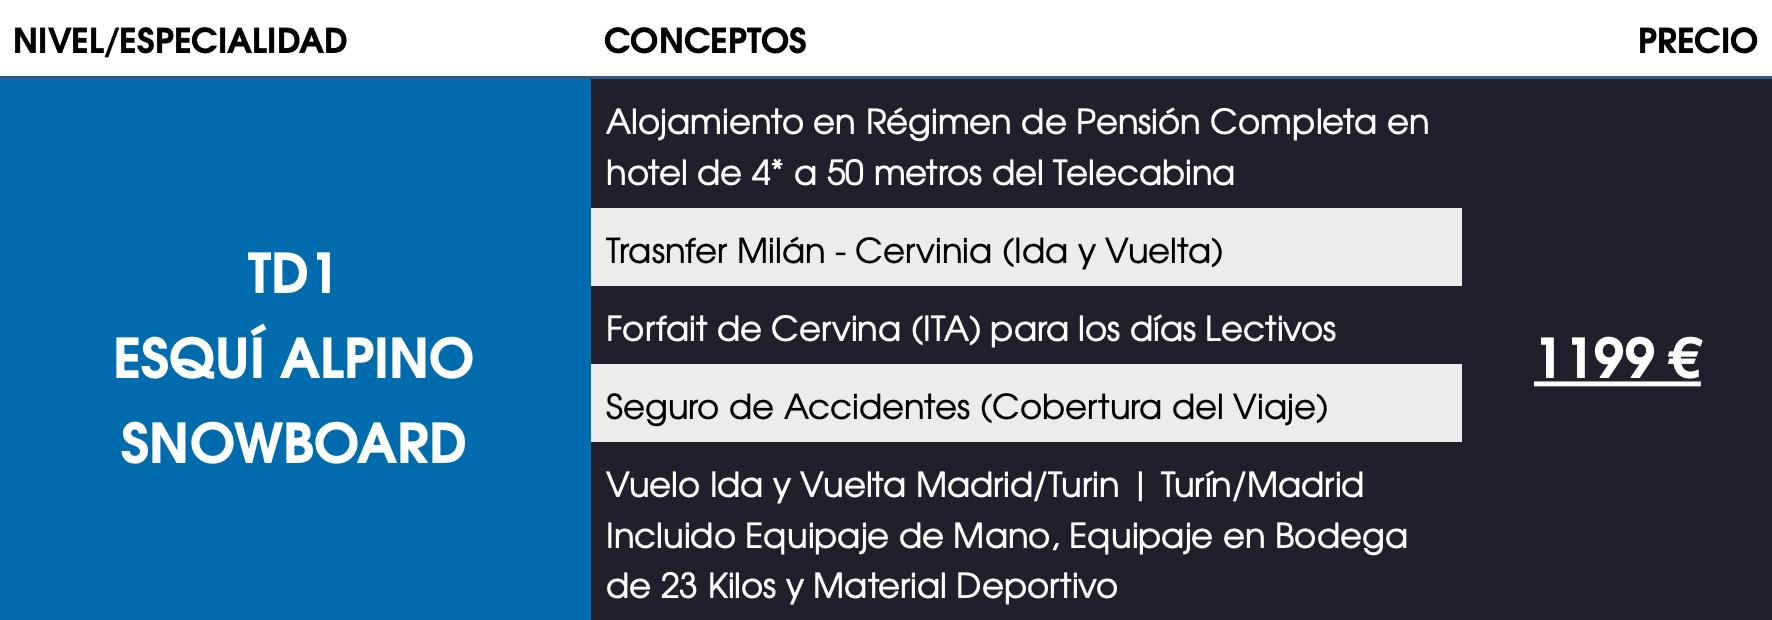 TD1 Conceptos Cervinia 2021